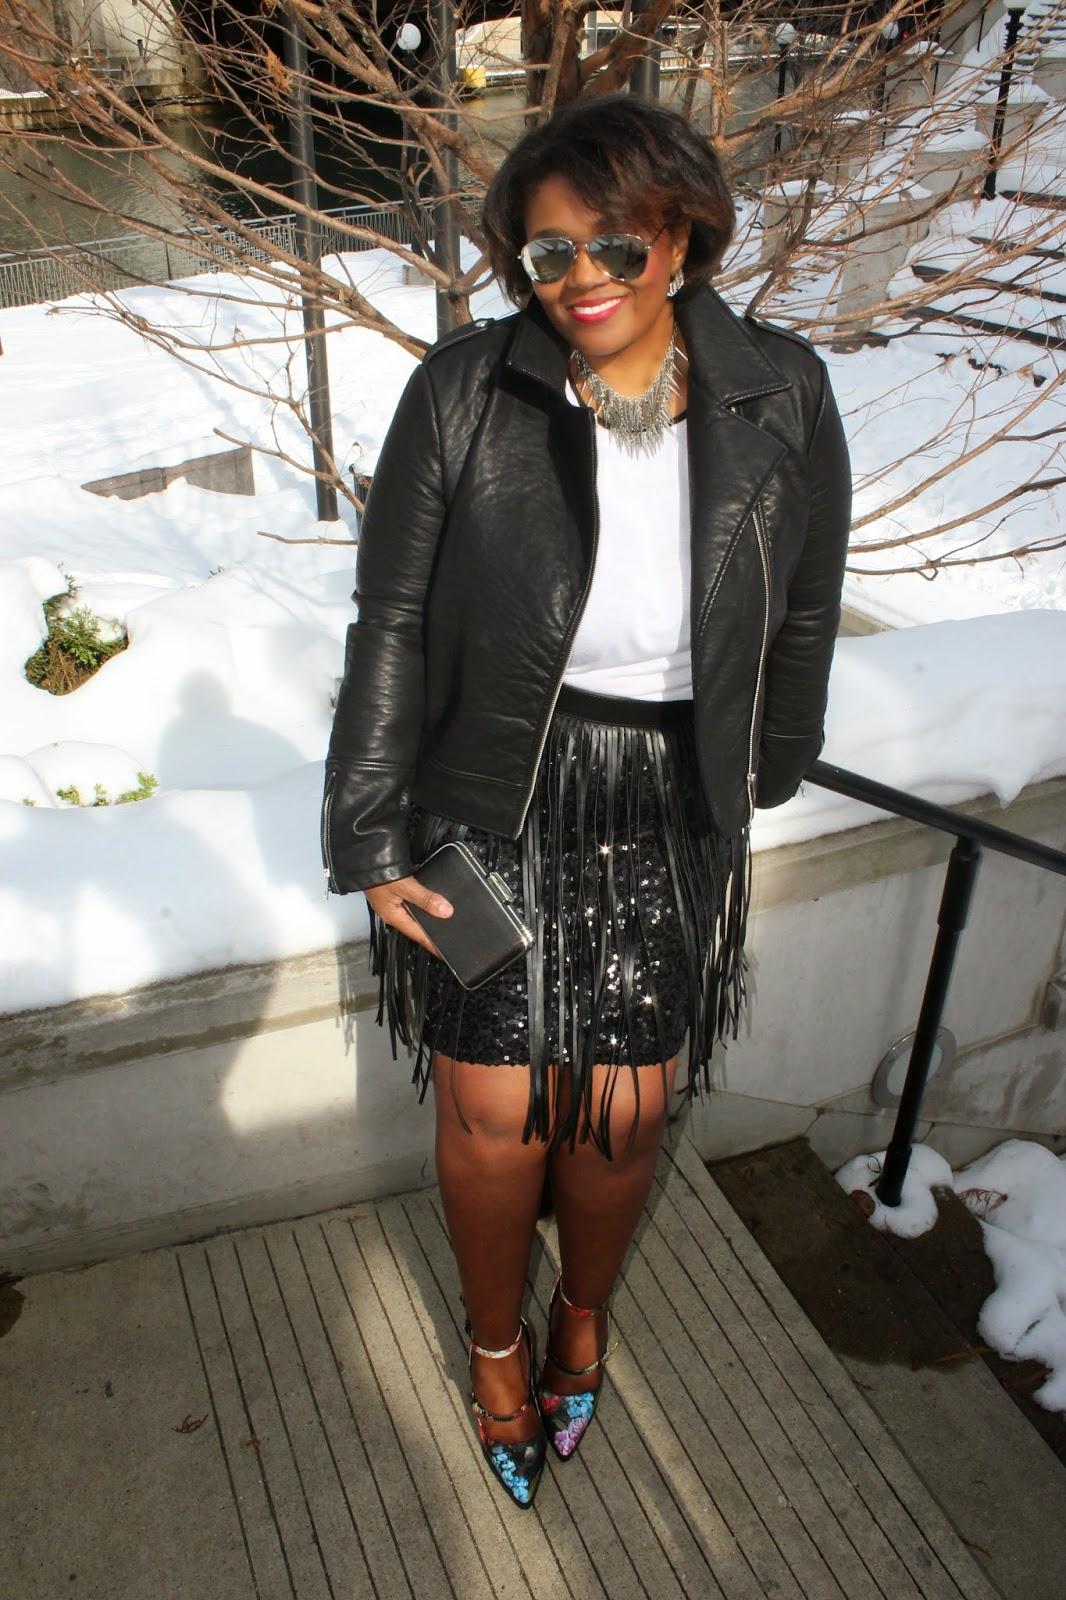 Valentines Day Rocker Chic PlusSize Leather Jacket Sequins Fringe Floral Block Heel Pumps.jpg